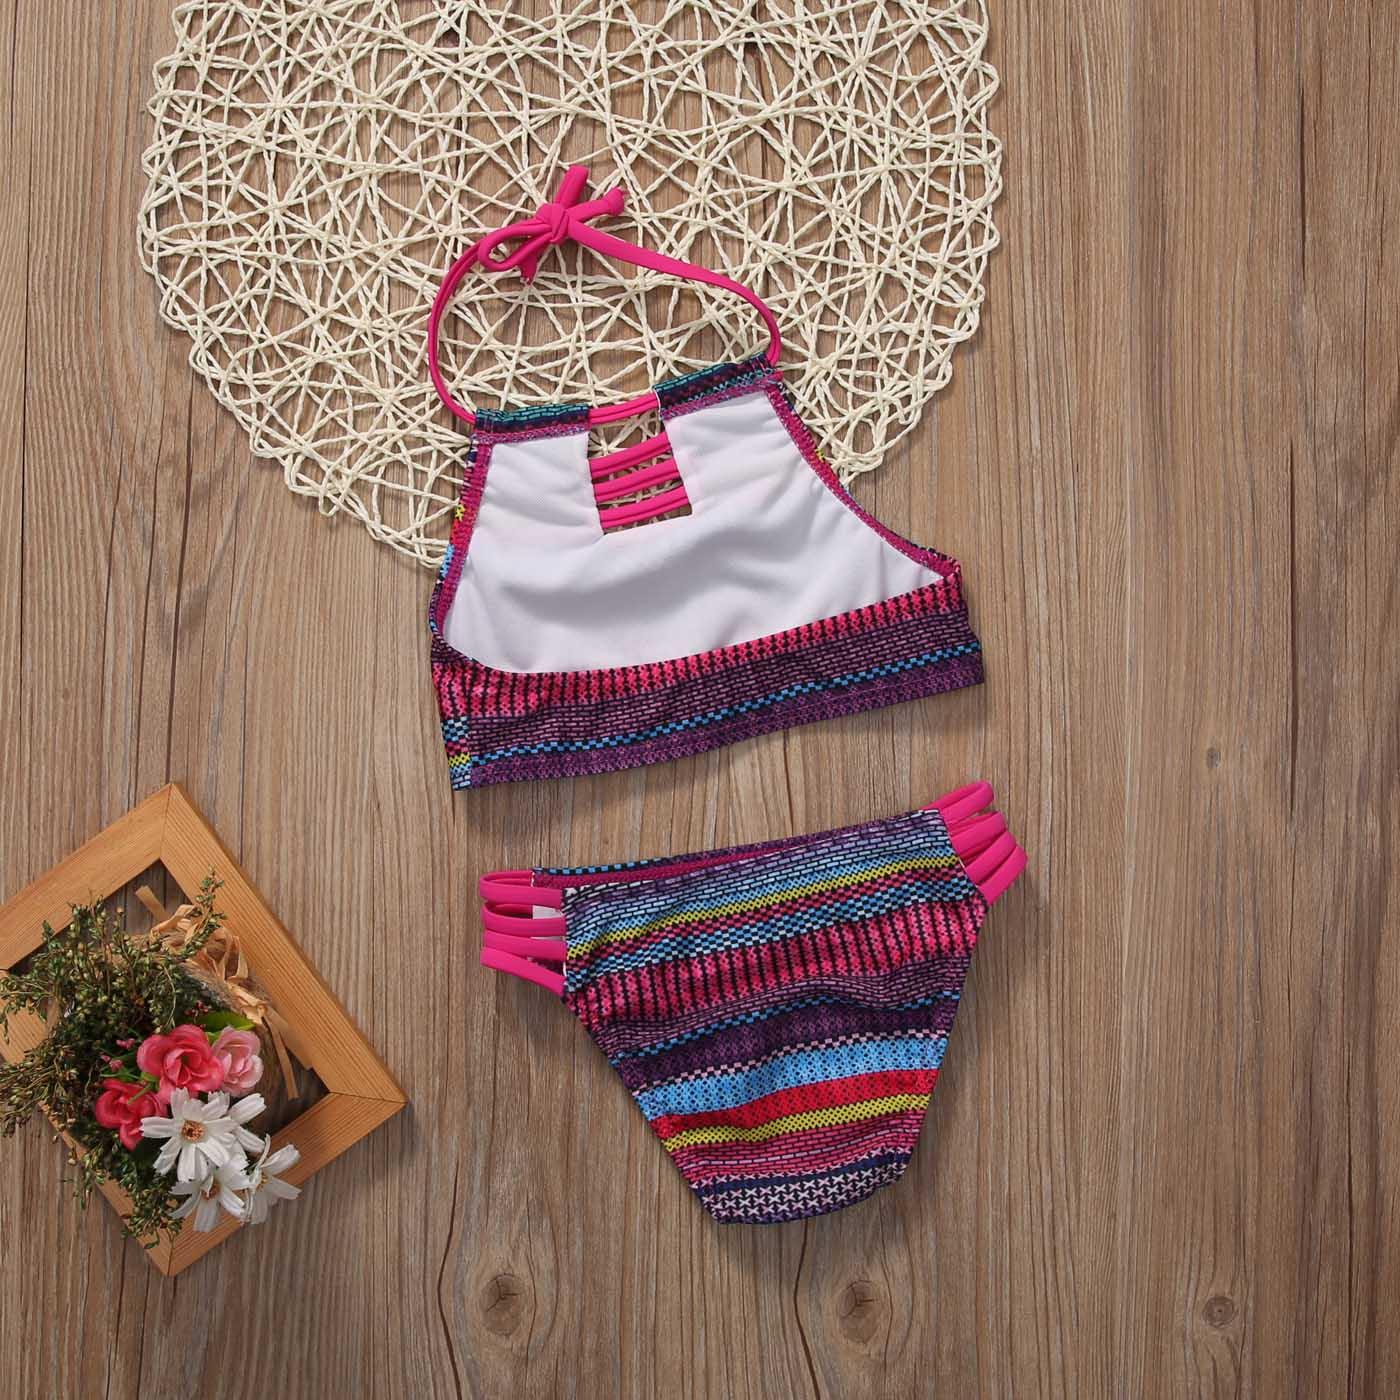 Aliexpress Buy Summer Beach Kids Baby Girls Clothes Set Tops